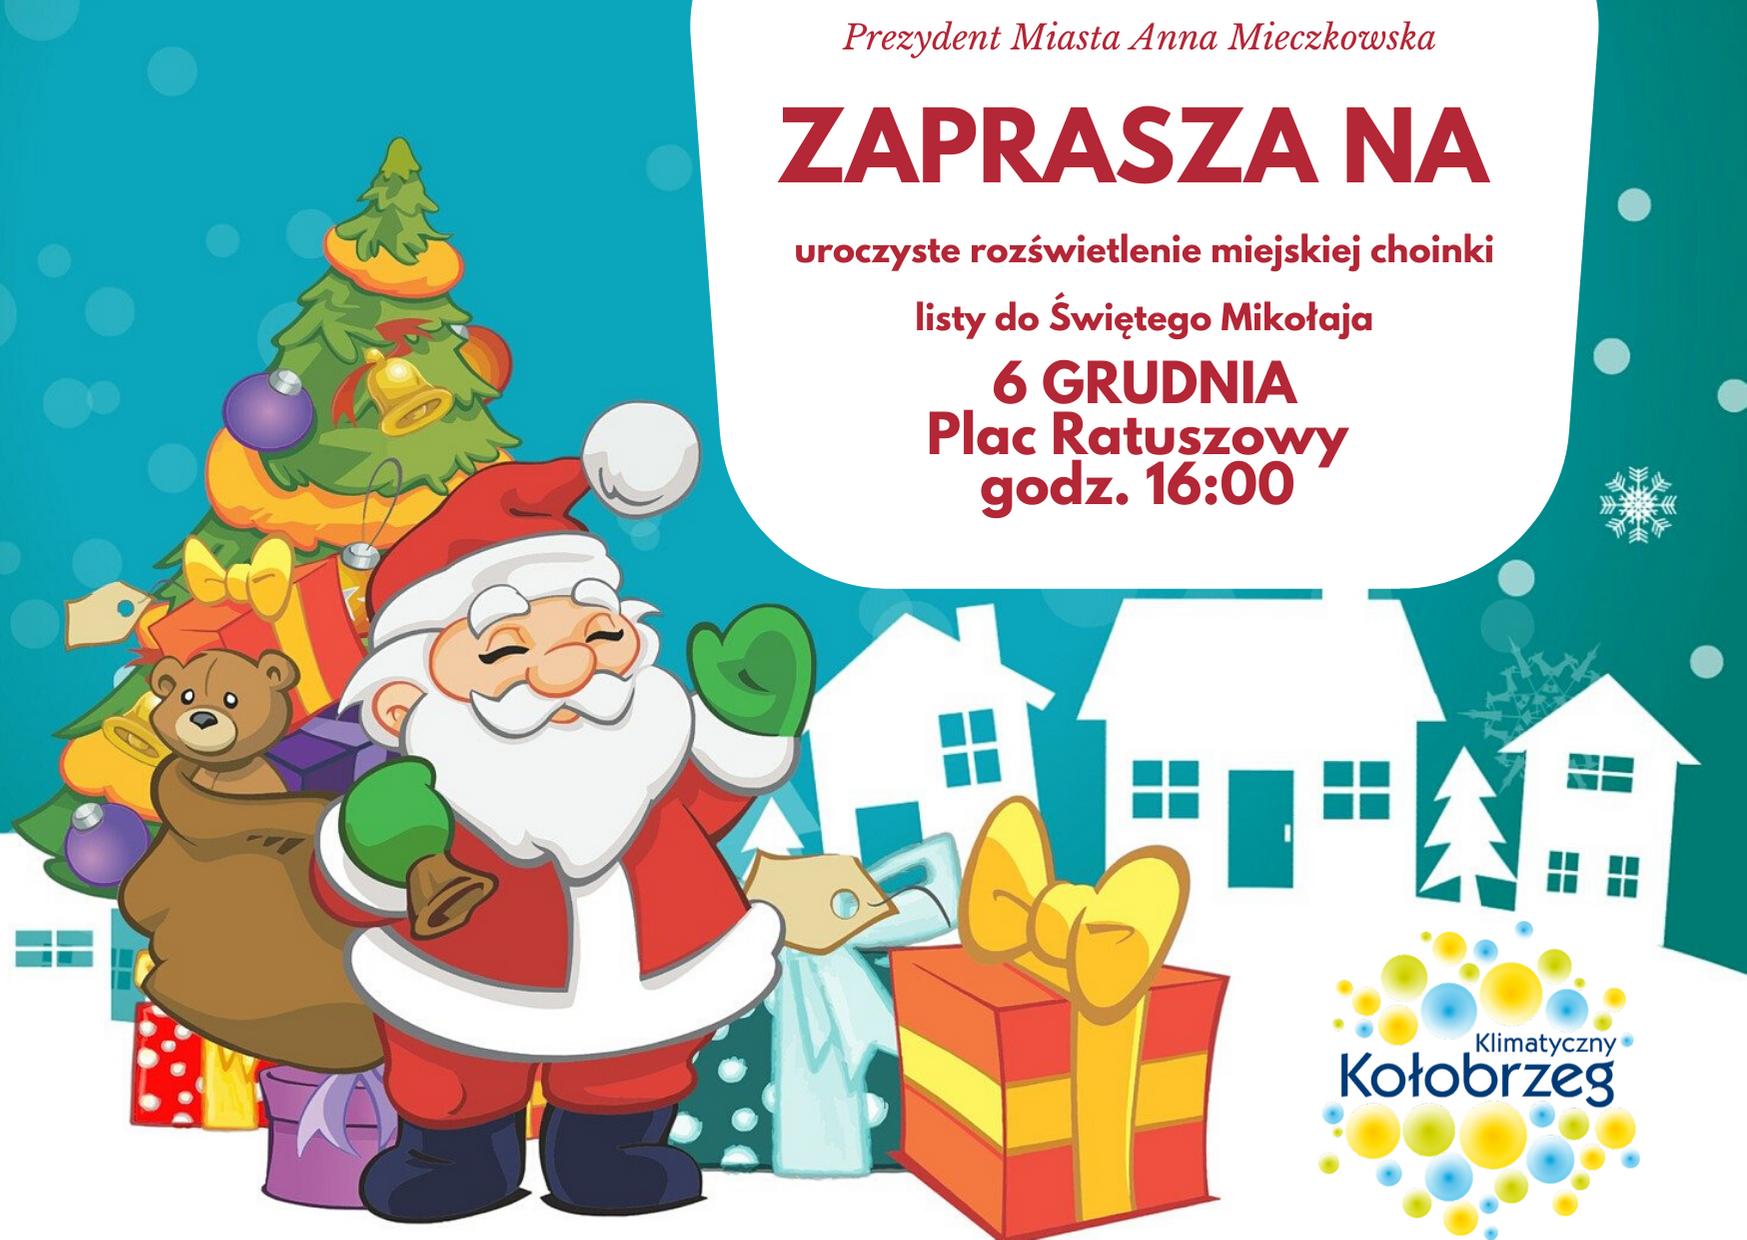 Red White Christmas Naughty or Nice Card - W piątek uroczyste rozświetlenie miejskiej choinki. Będą drobne upominki dla najmłodszych